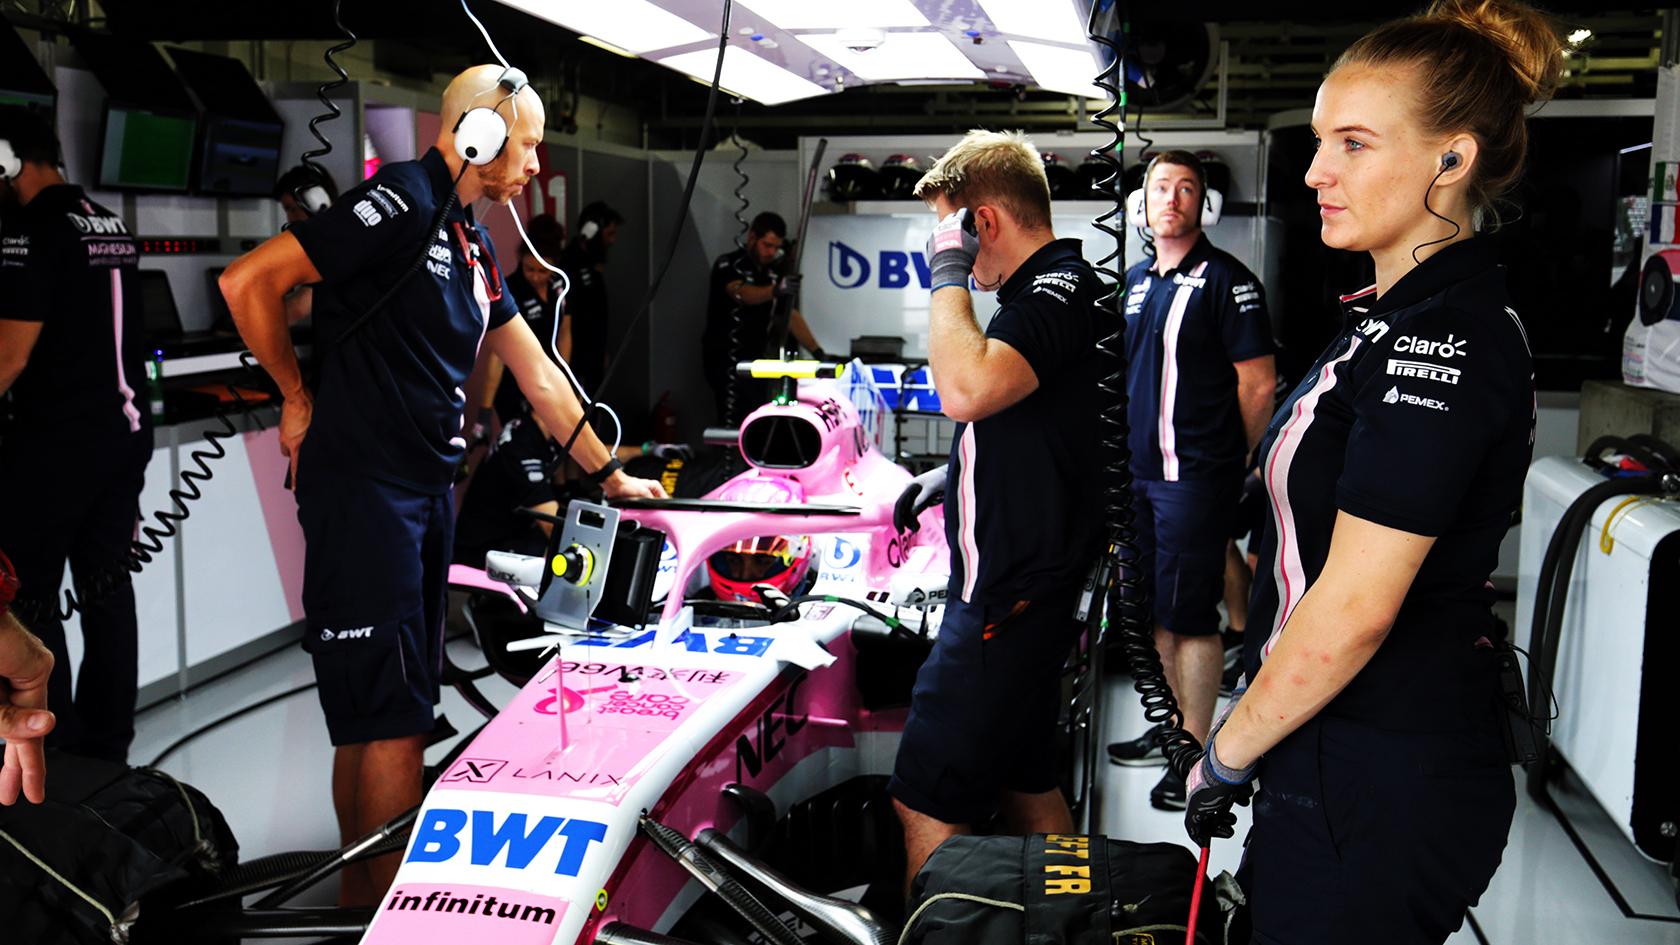 Der er kun 3 motorkonstruktører i Formel 1 (Mercedes, Ferrari og Renault). Hver kører må max bruge 3 motorer under de 21 Grand Prix'er.